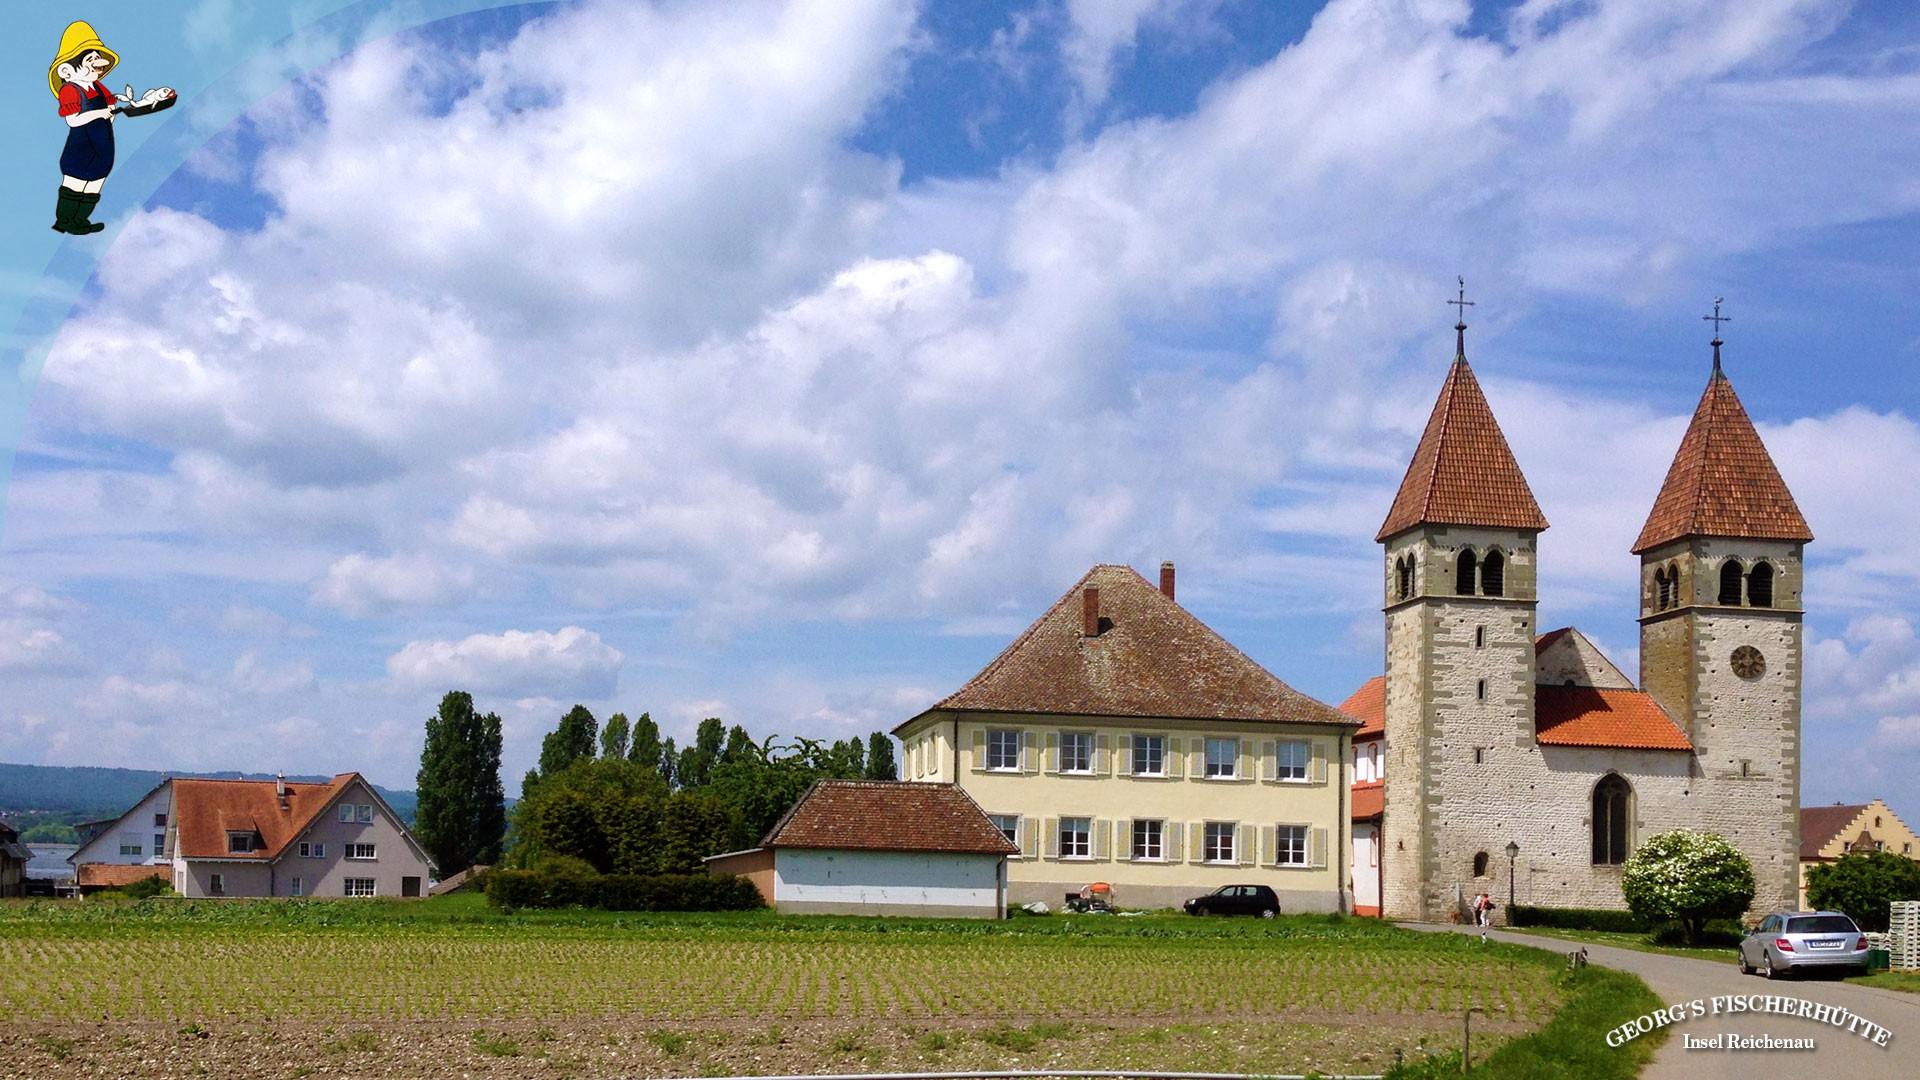 Georg's Fischerhütte, Fischrestaurant Konstanz-Reichenau - ganz in der Nähe von Sankt Peter und Paul